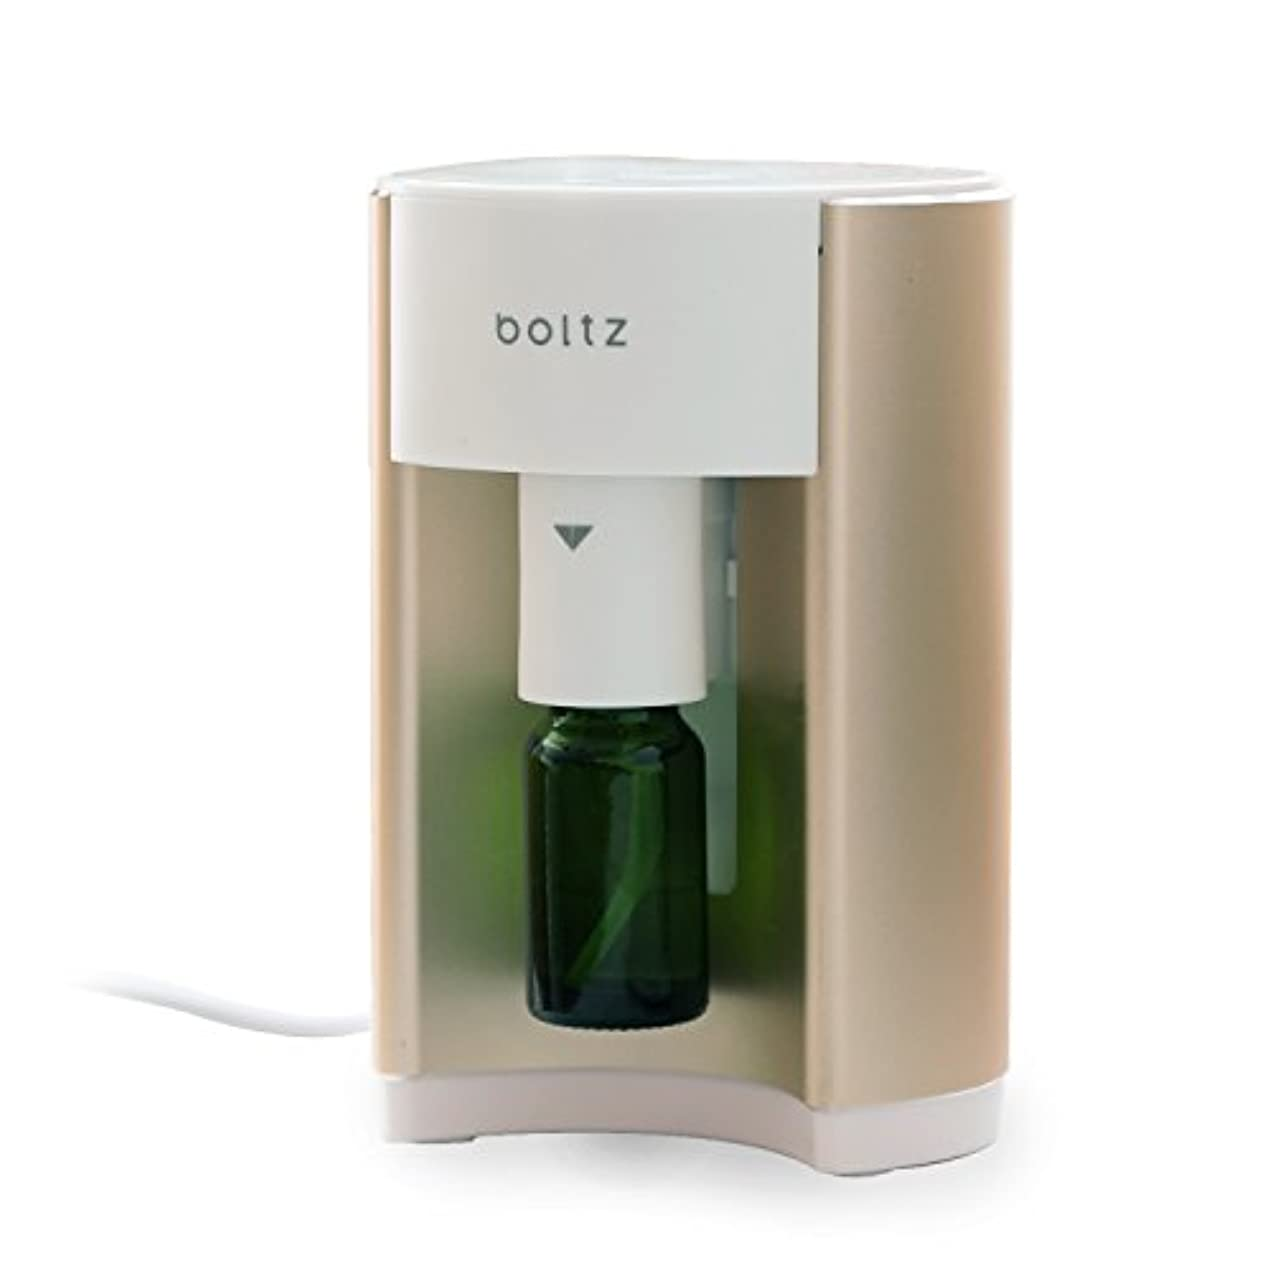 大脳換気略語boltz アロマディフューザー アロマバーナー ルームフレグランス 専用ボトル付 タイマー付き ゴールド